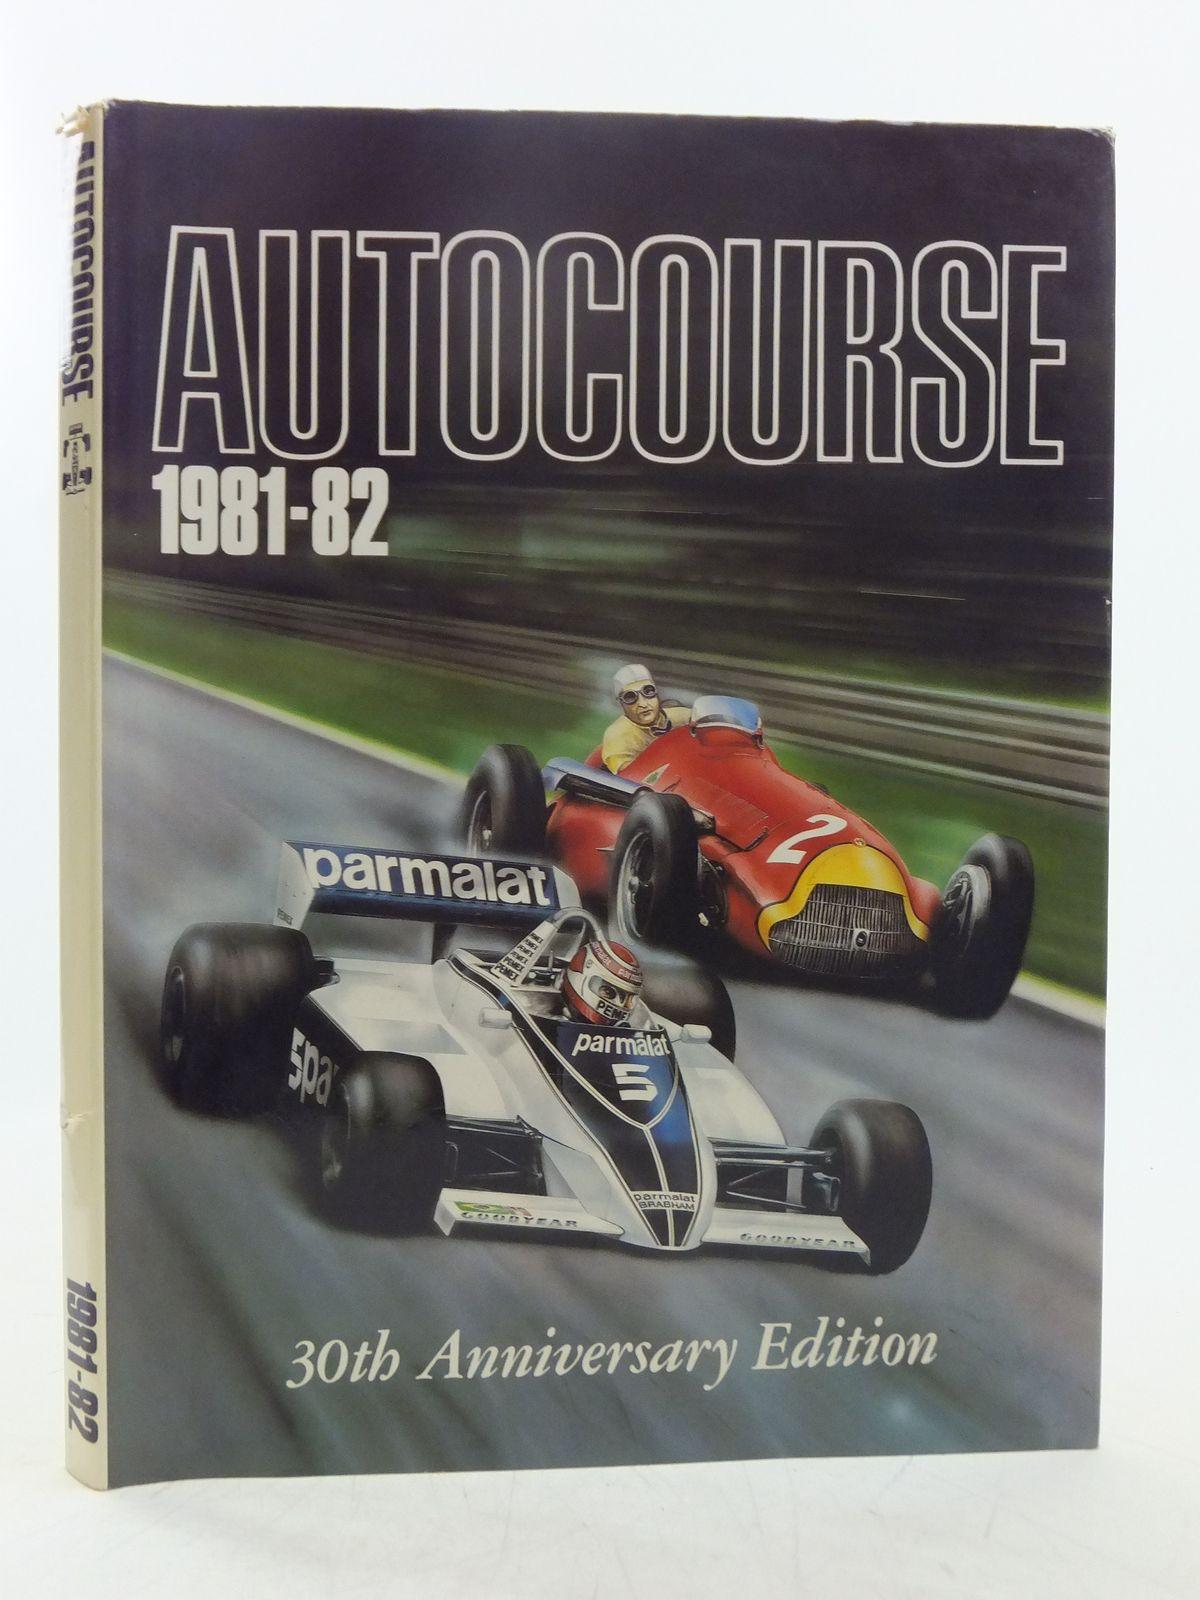 1982-83 Autocourse, The Finest Grand Prix Annual in the World